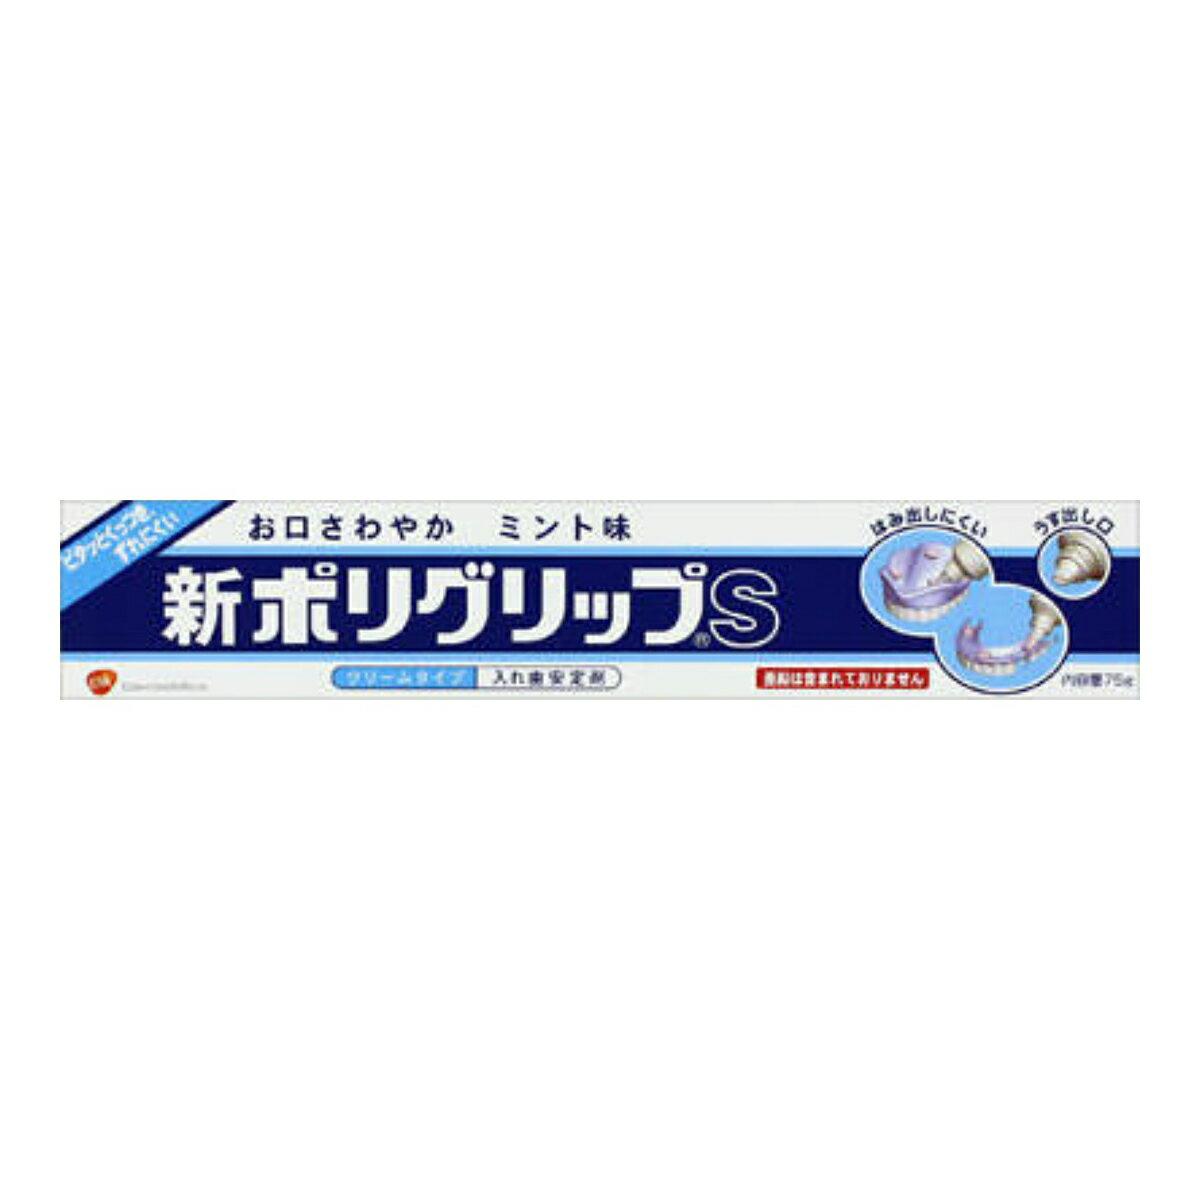 【10点セットで送料無料】アース製薬 新ポリグリップ S 75g お得なサイズ 入れ歯安定剤×10点セット ★まとめ買い特価! ( 4901080701114 )